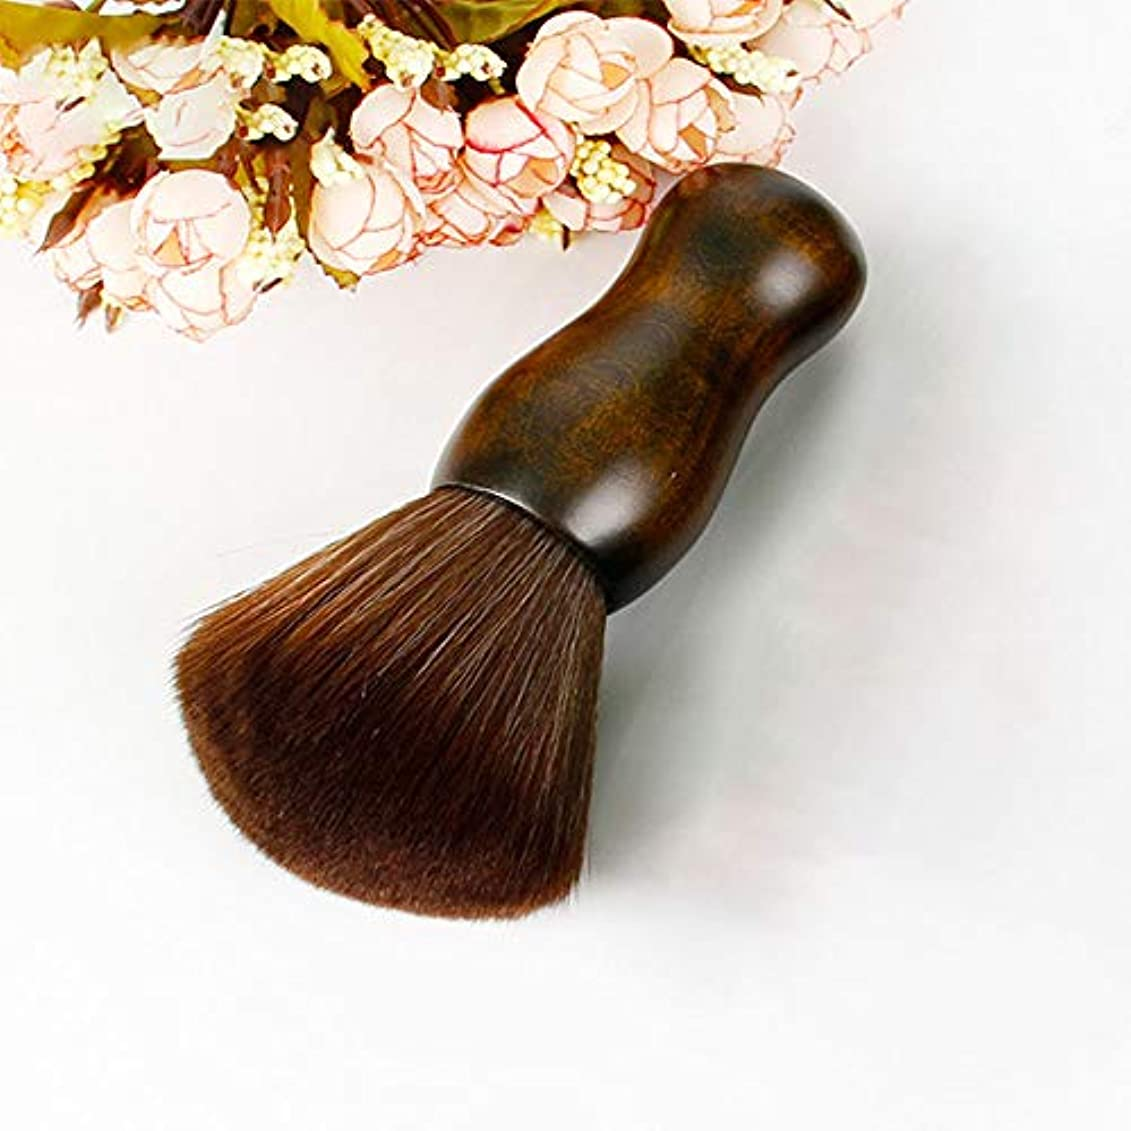 音楽それにもかかわらずトロピカル専門のバリカンつばの三つ編みのブラシの頭部、木のハンドルの毛の切断装置のナイロンブラシ